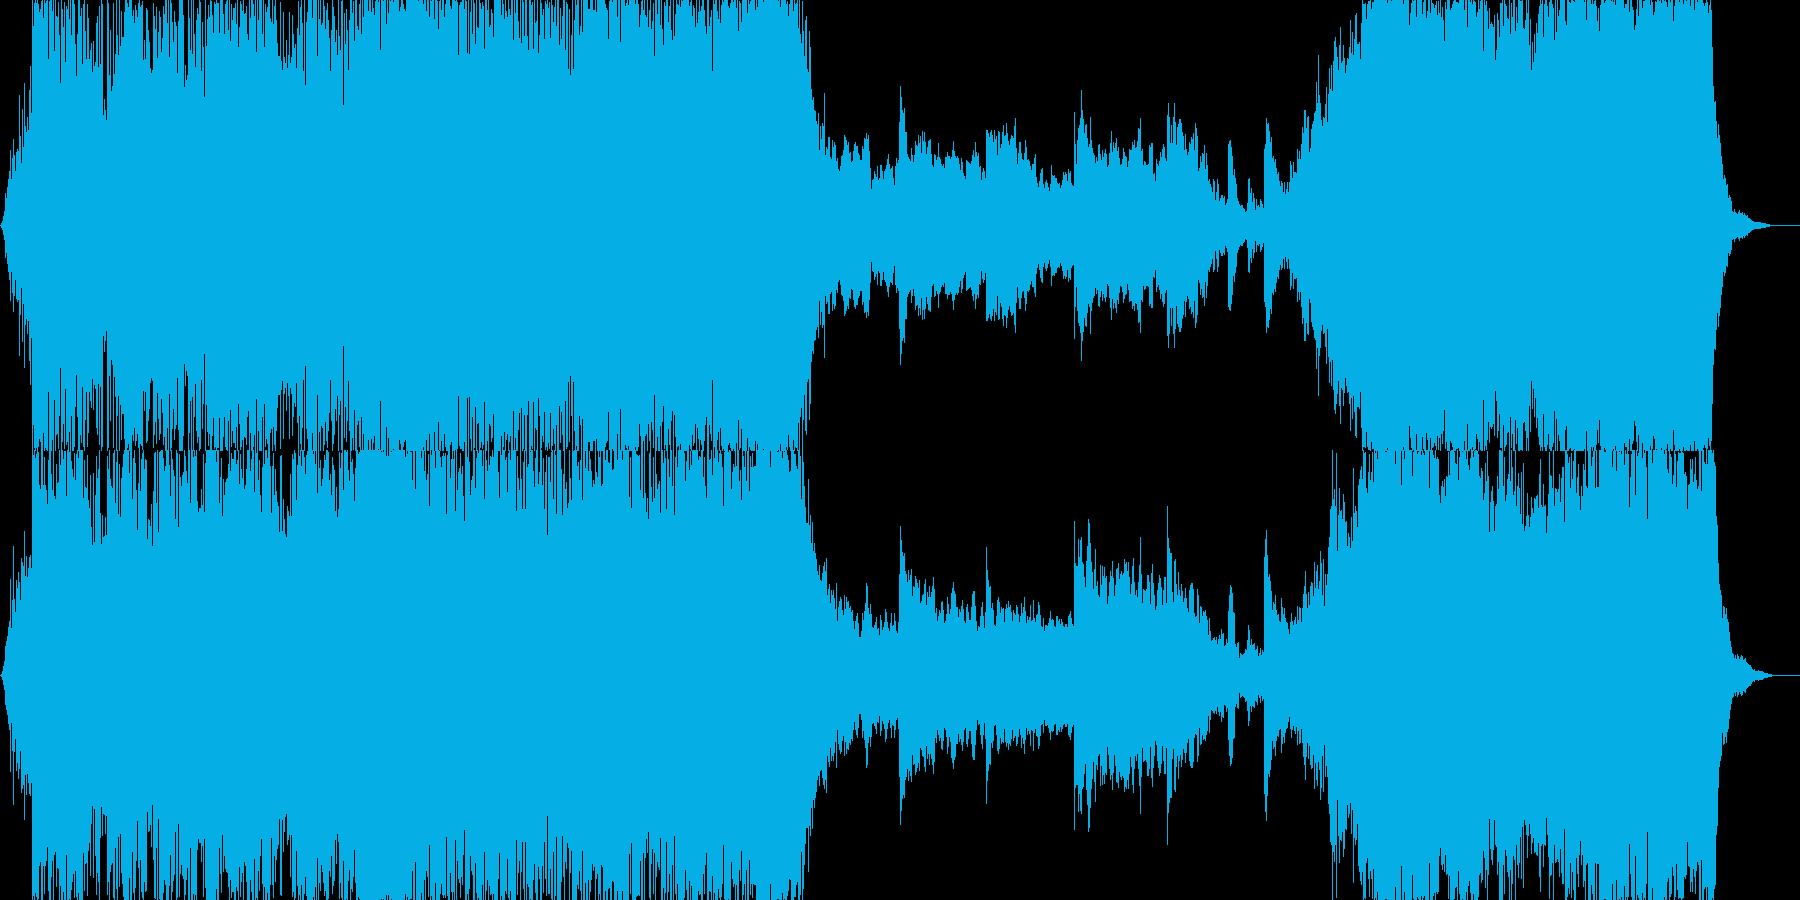 日本的なイメージのパーカッシブなBGMの再生済みの波形